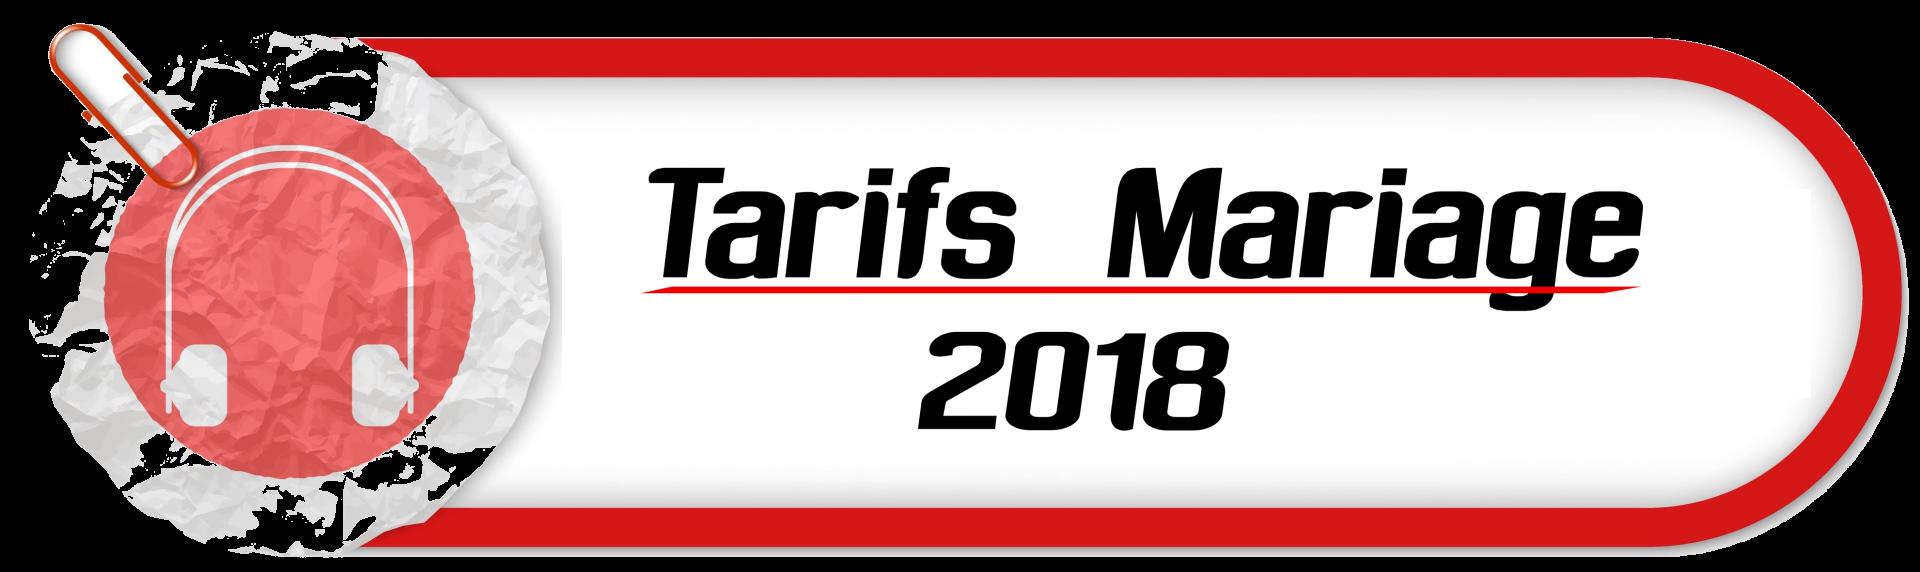 Copie de tarif mariage 2018